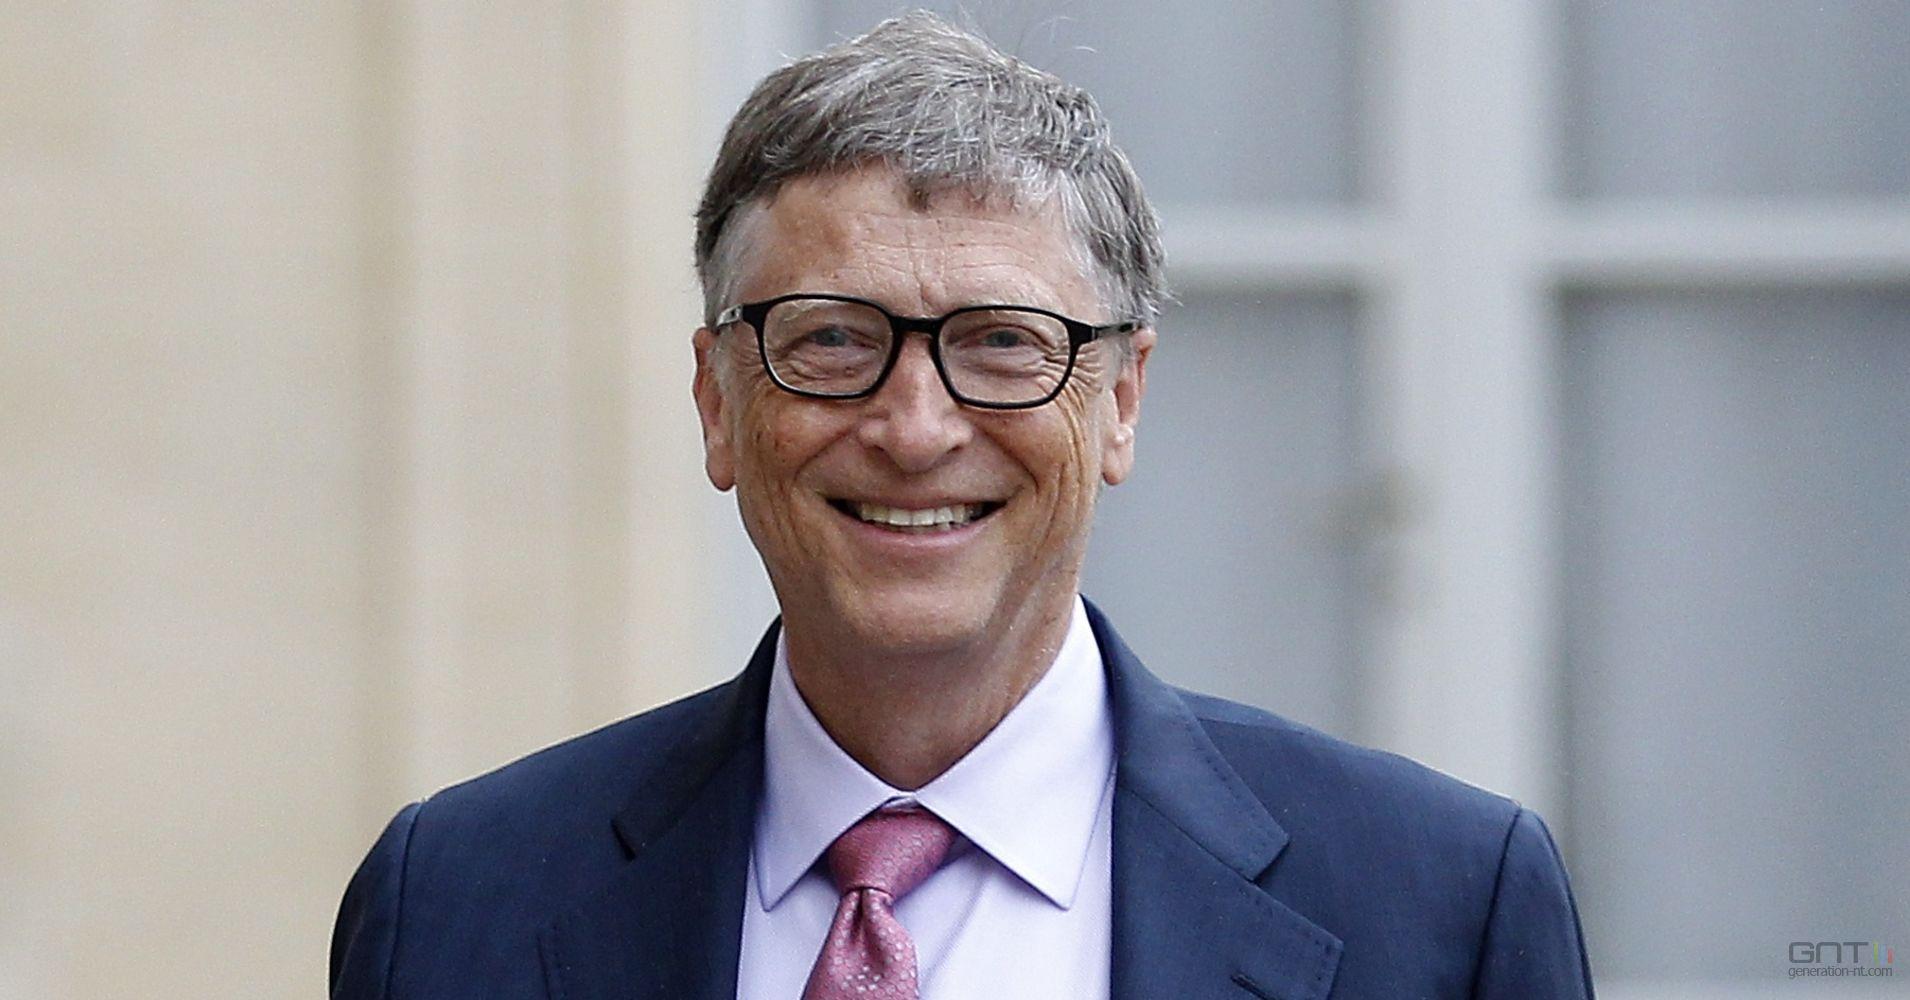 Bill Gates quitte le conseil d'administration de Microsoft après 12 années !